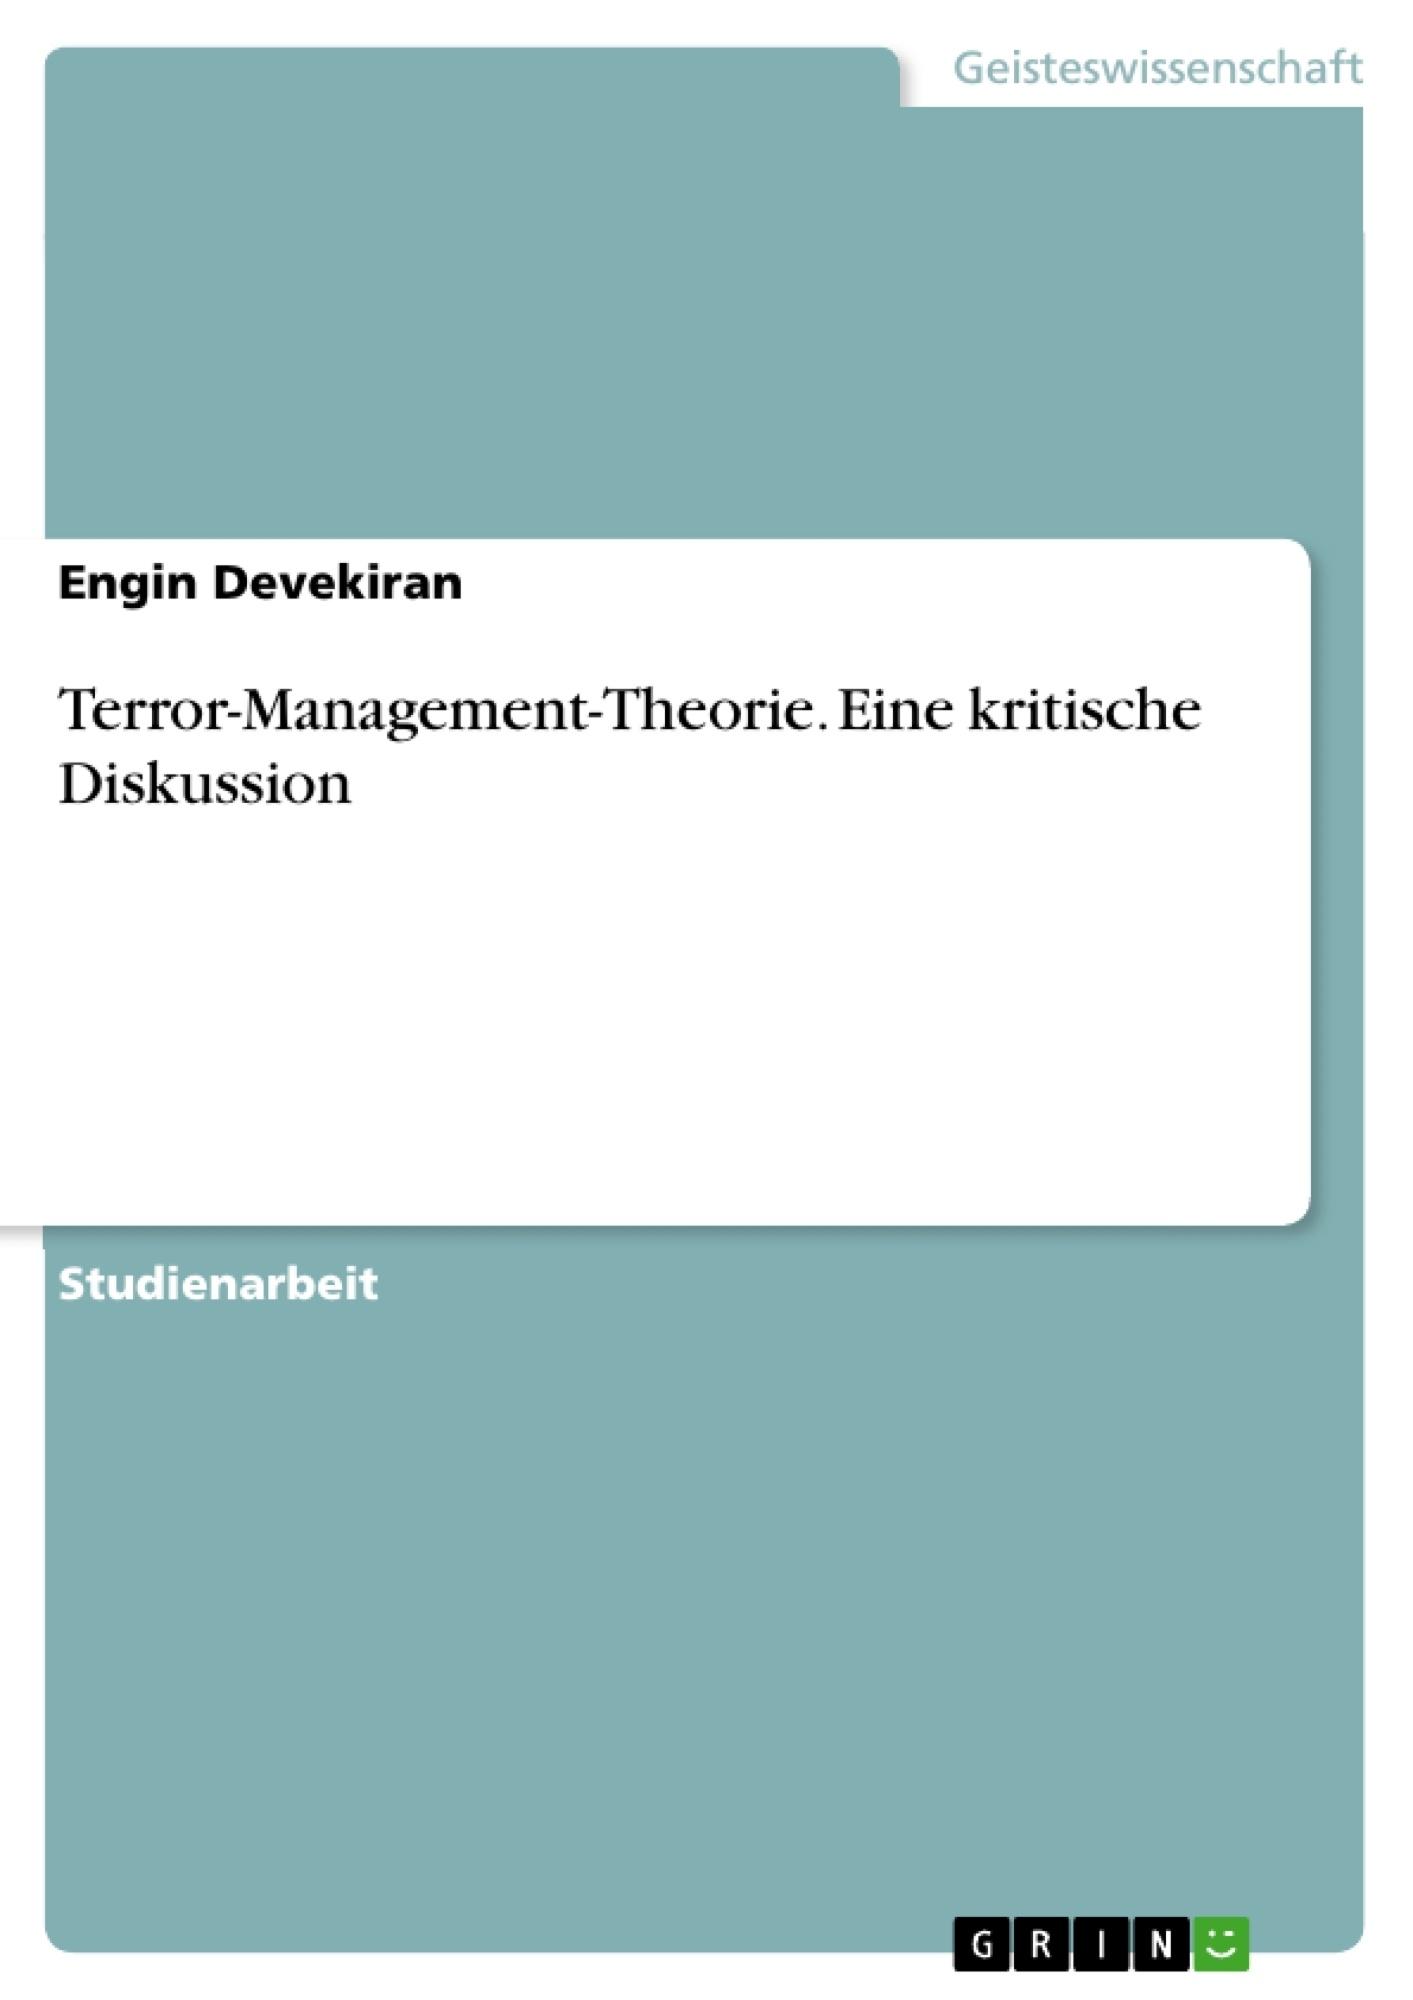 Titel: Terror-Management-Theorie. Eine kritische Diskussion